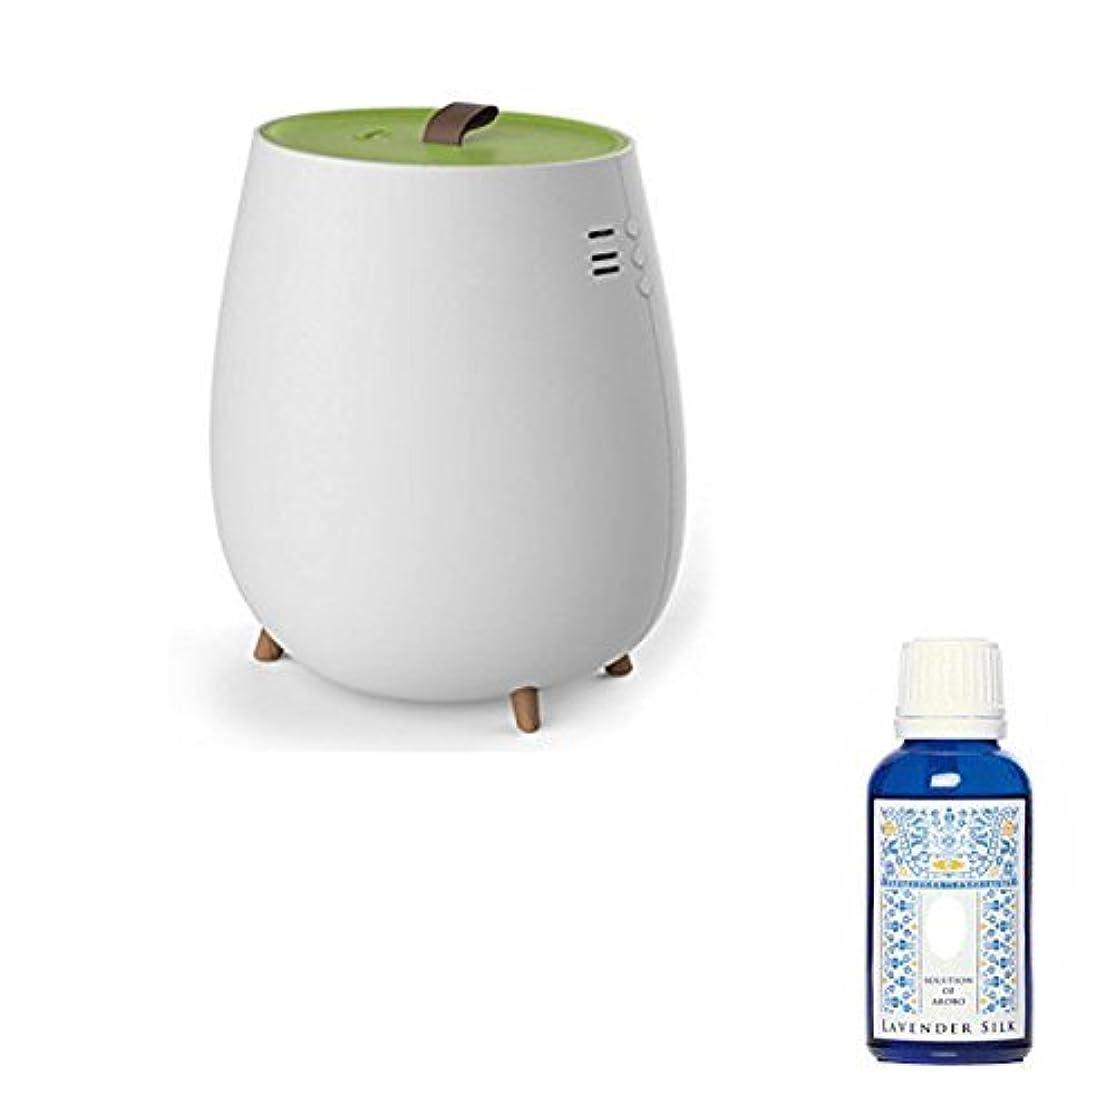 イデオロギー植物学巧みなアロマ加湿器 超音波加湿器 2.3L セラヴィ アロマソリューション付 CLV-296 グリーン